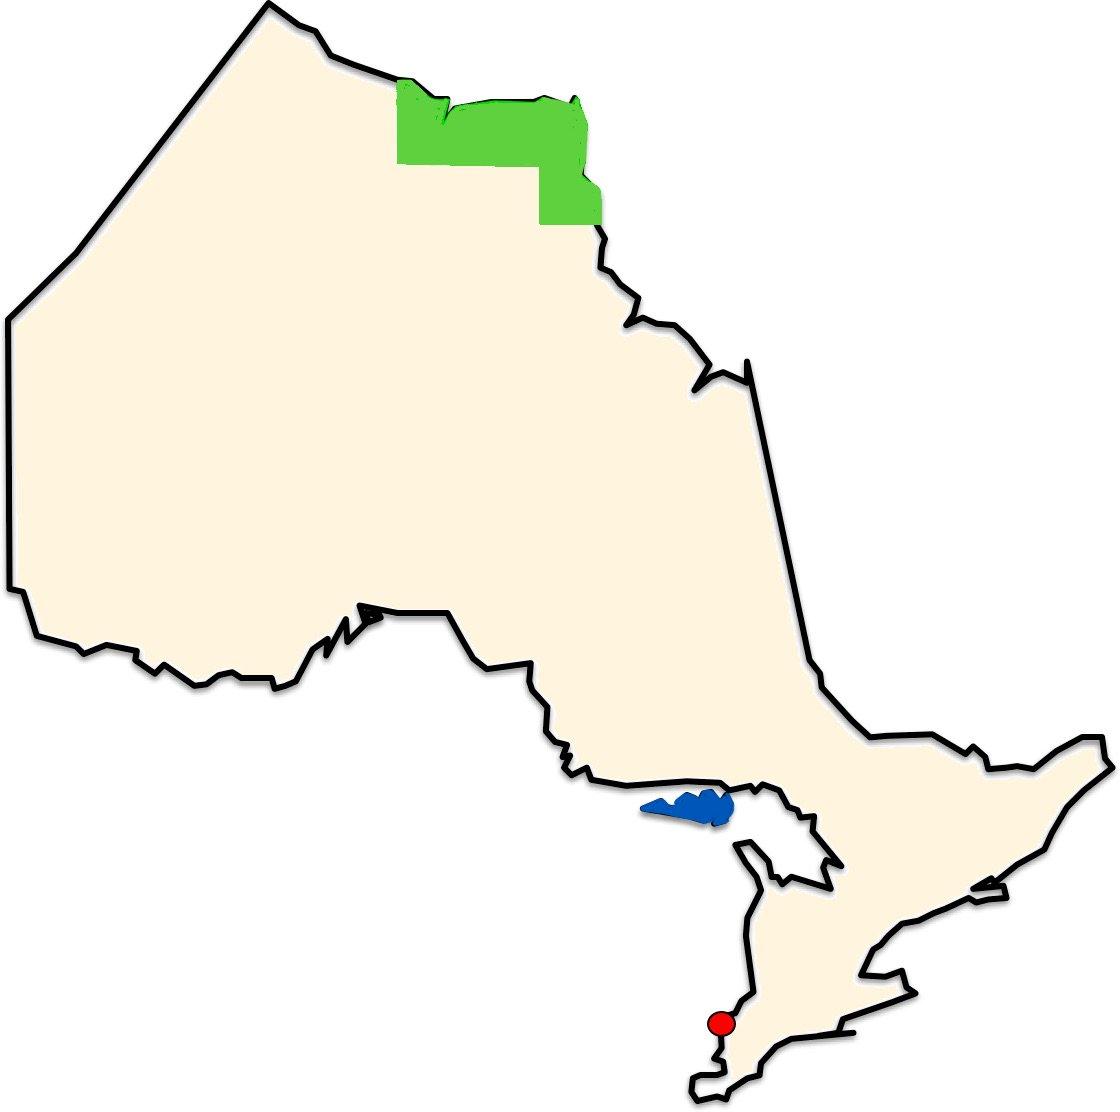 OntarioQuiz